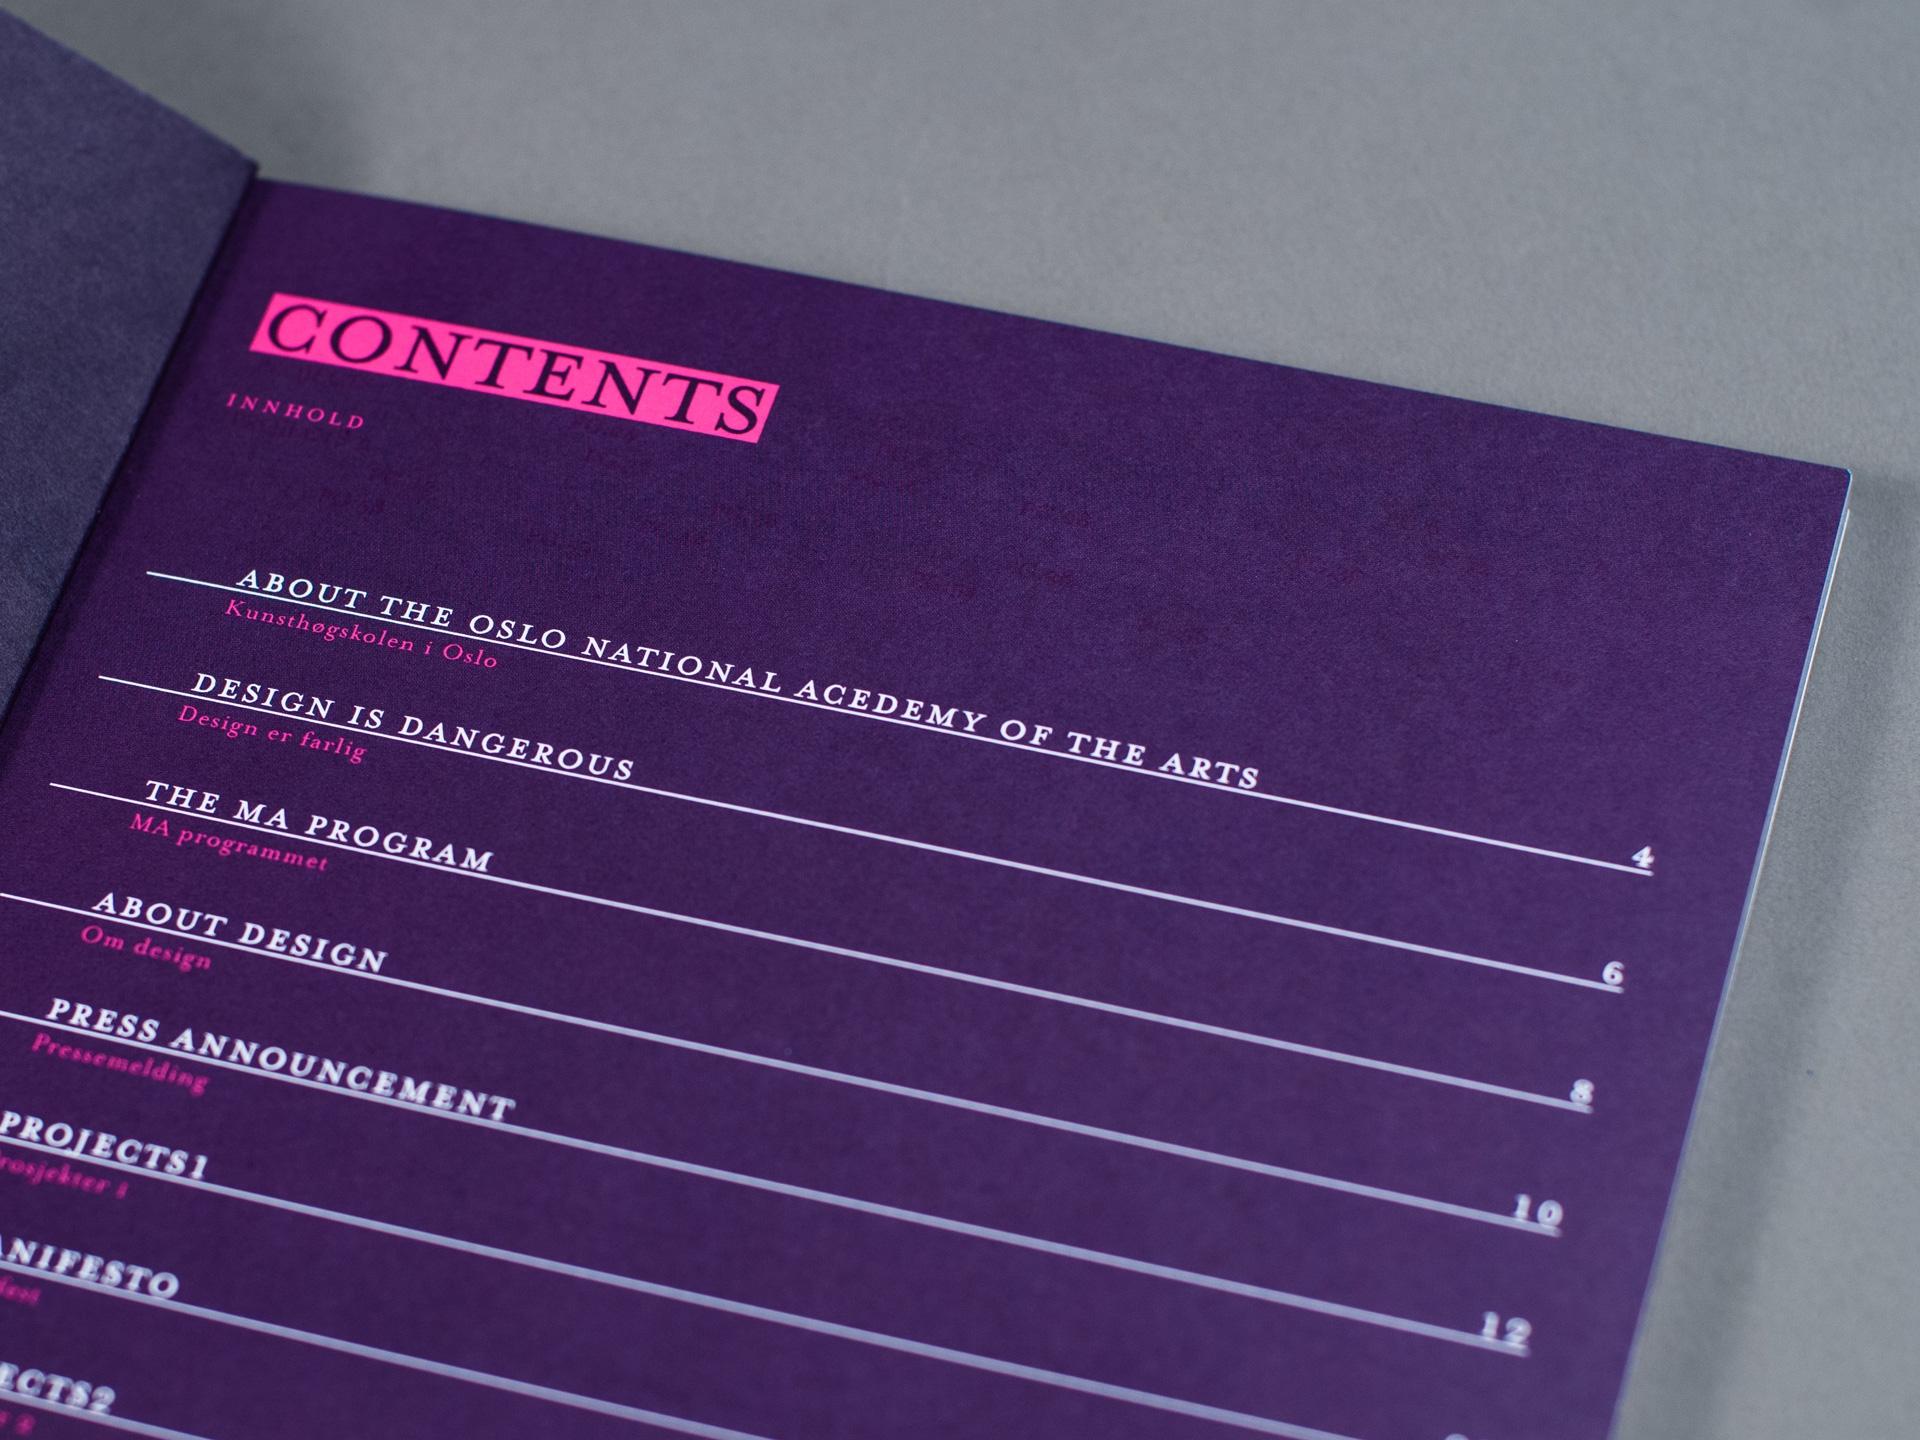 KHiO katalog - innholdsfortegnelse detalj. Bilde.